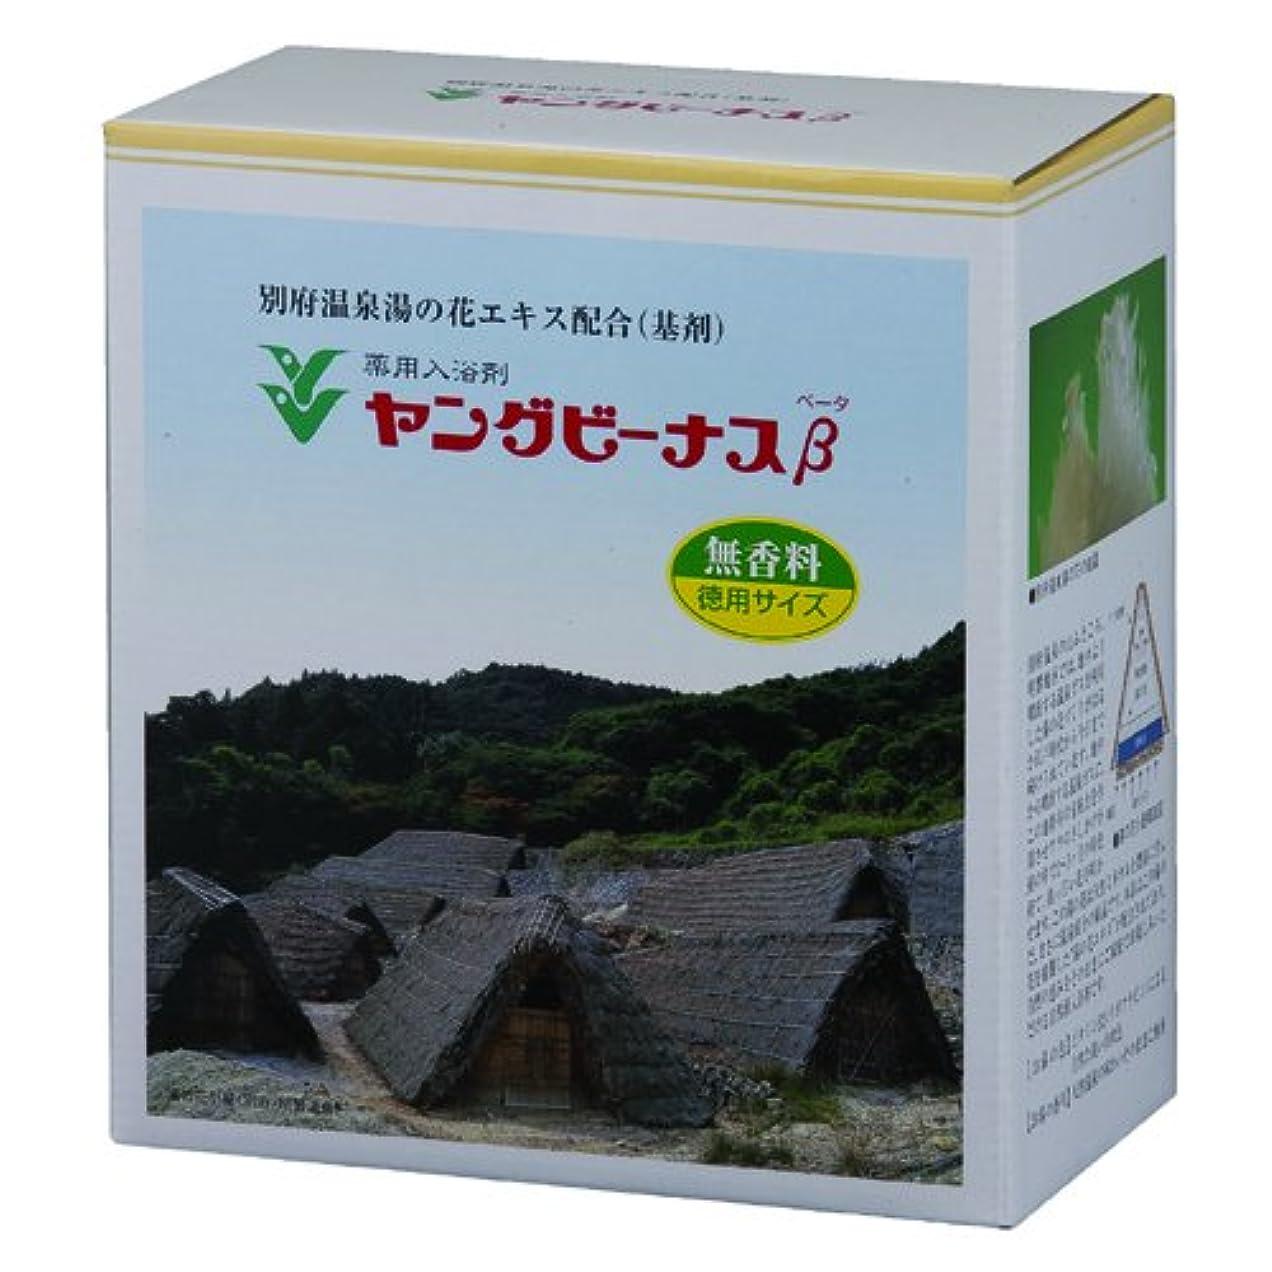 薬用入浴剤 ヤングビーナスβ 徳用サイズCX-30β